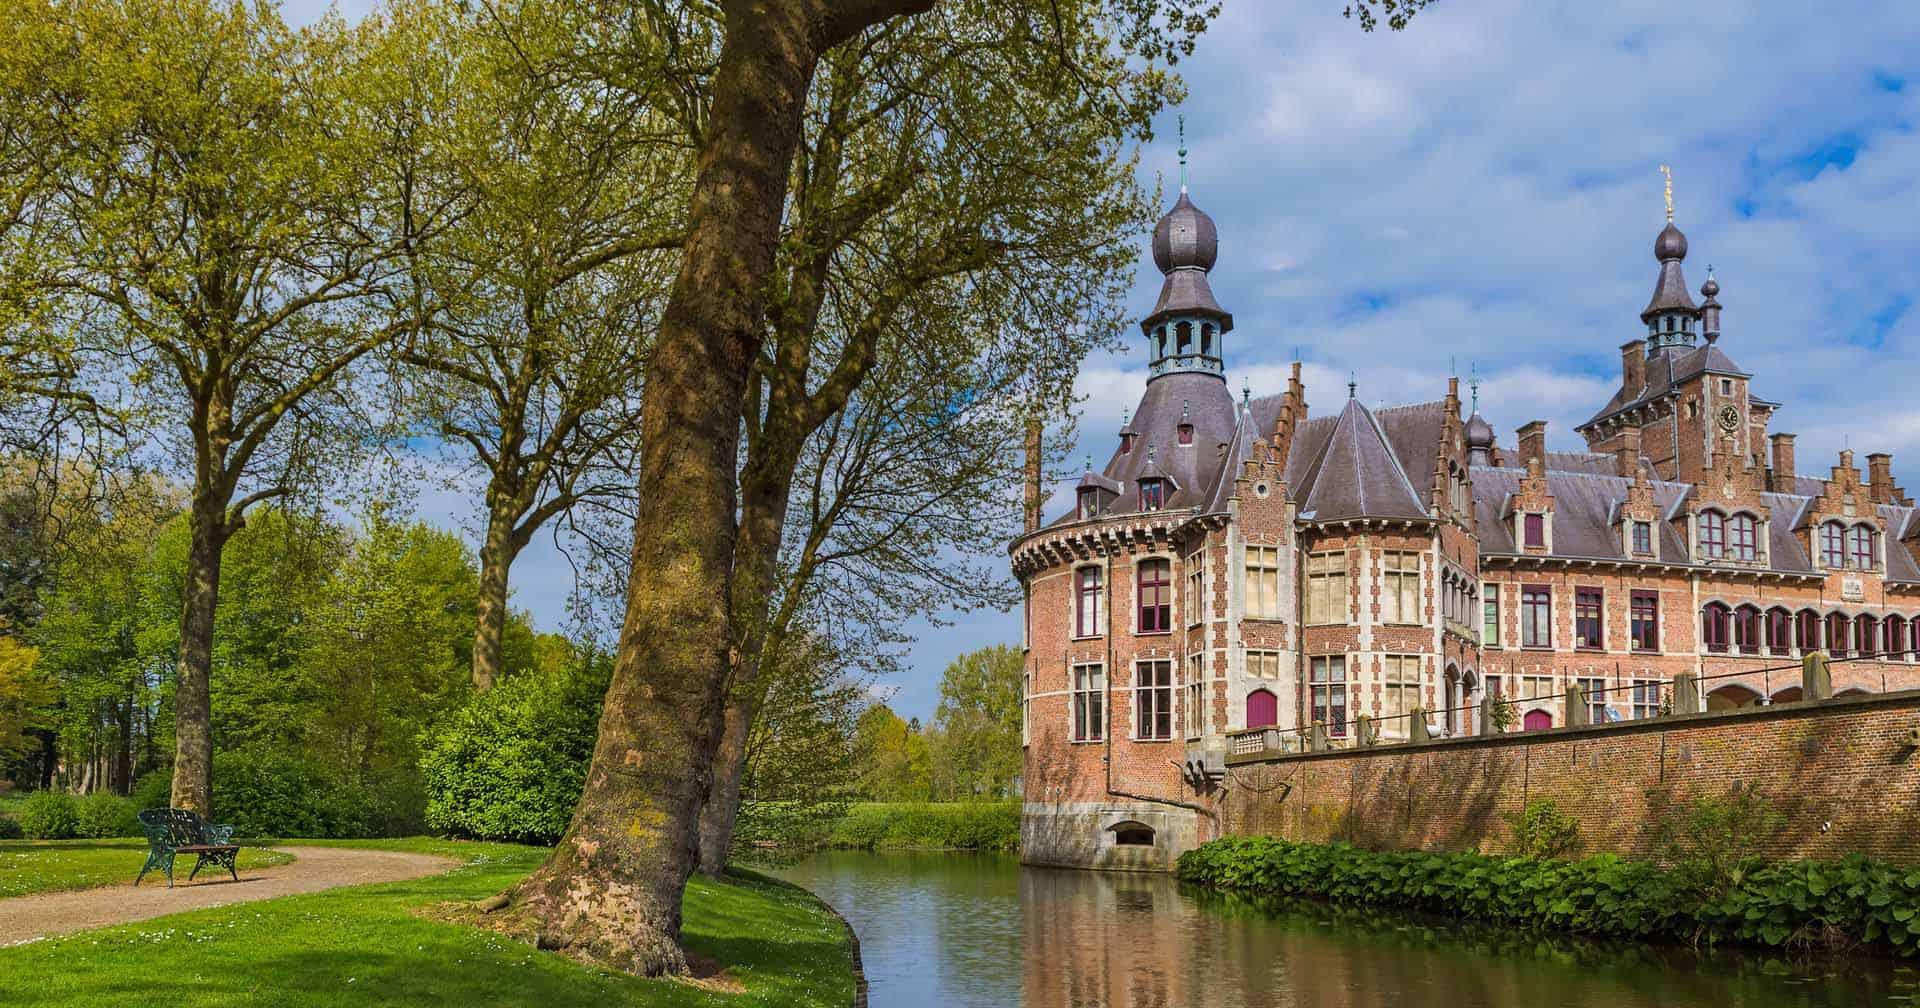 castles in belgium featured